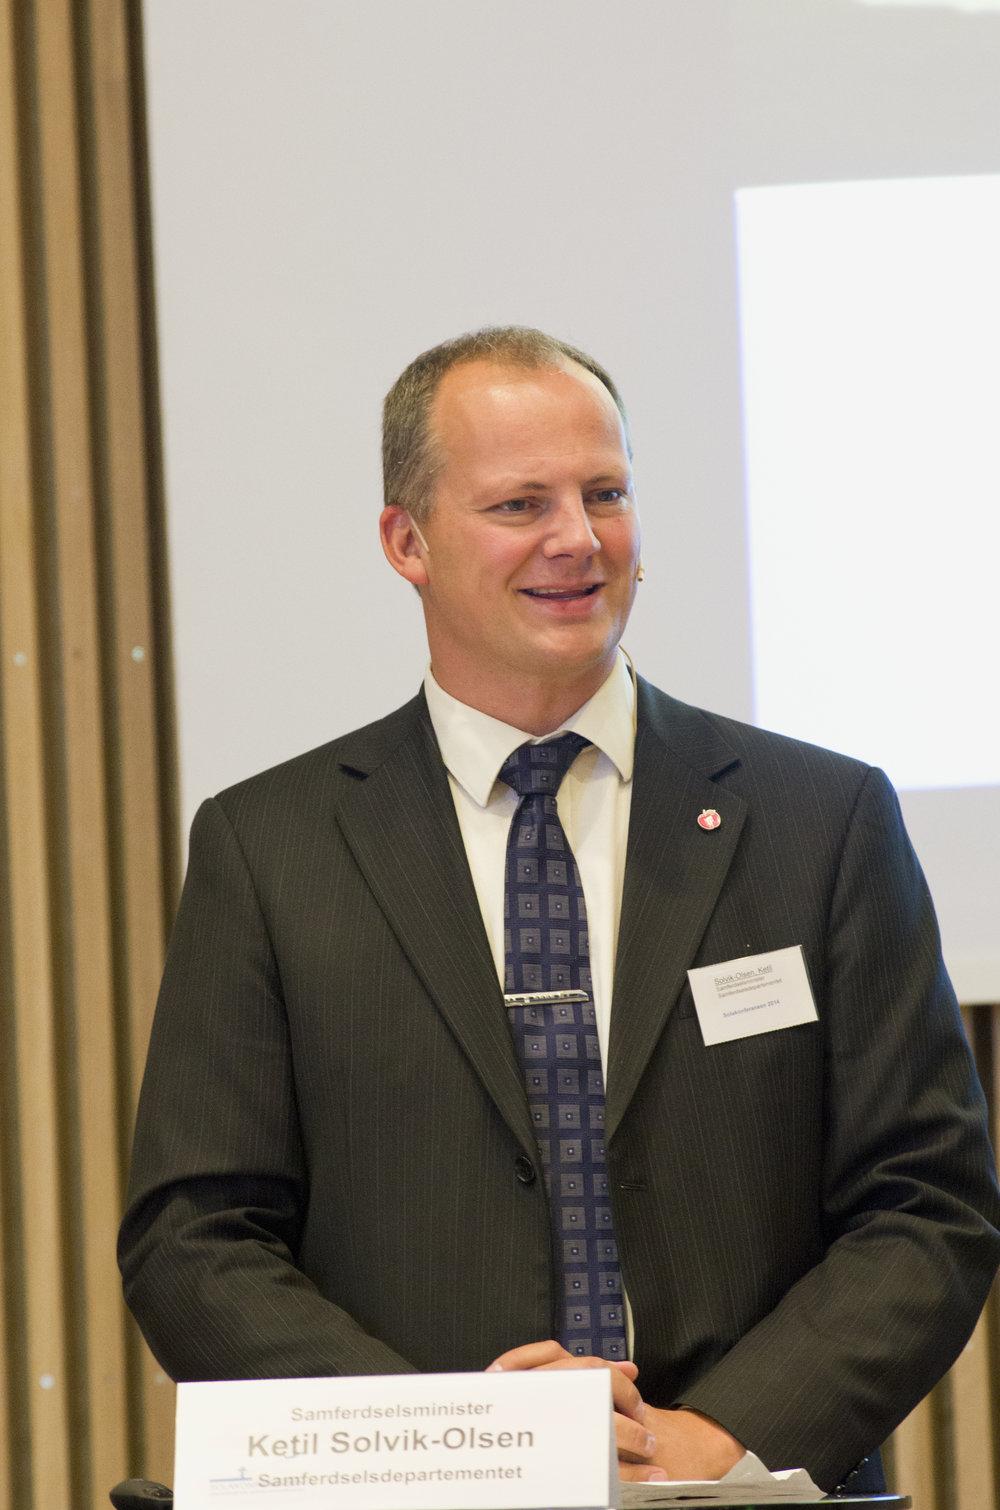 Ketil Solvik-Olsen (1).JPG